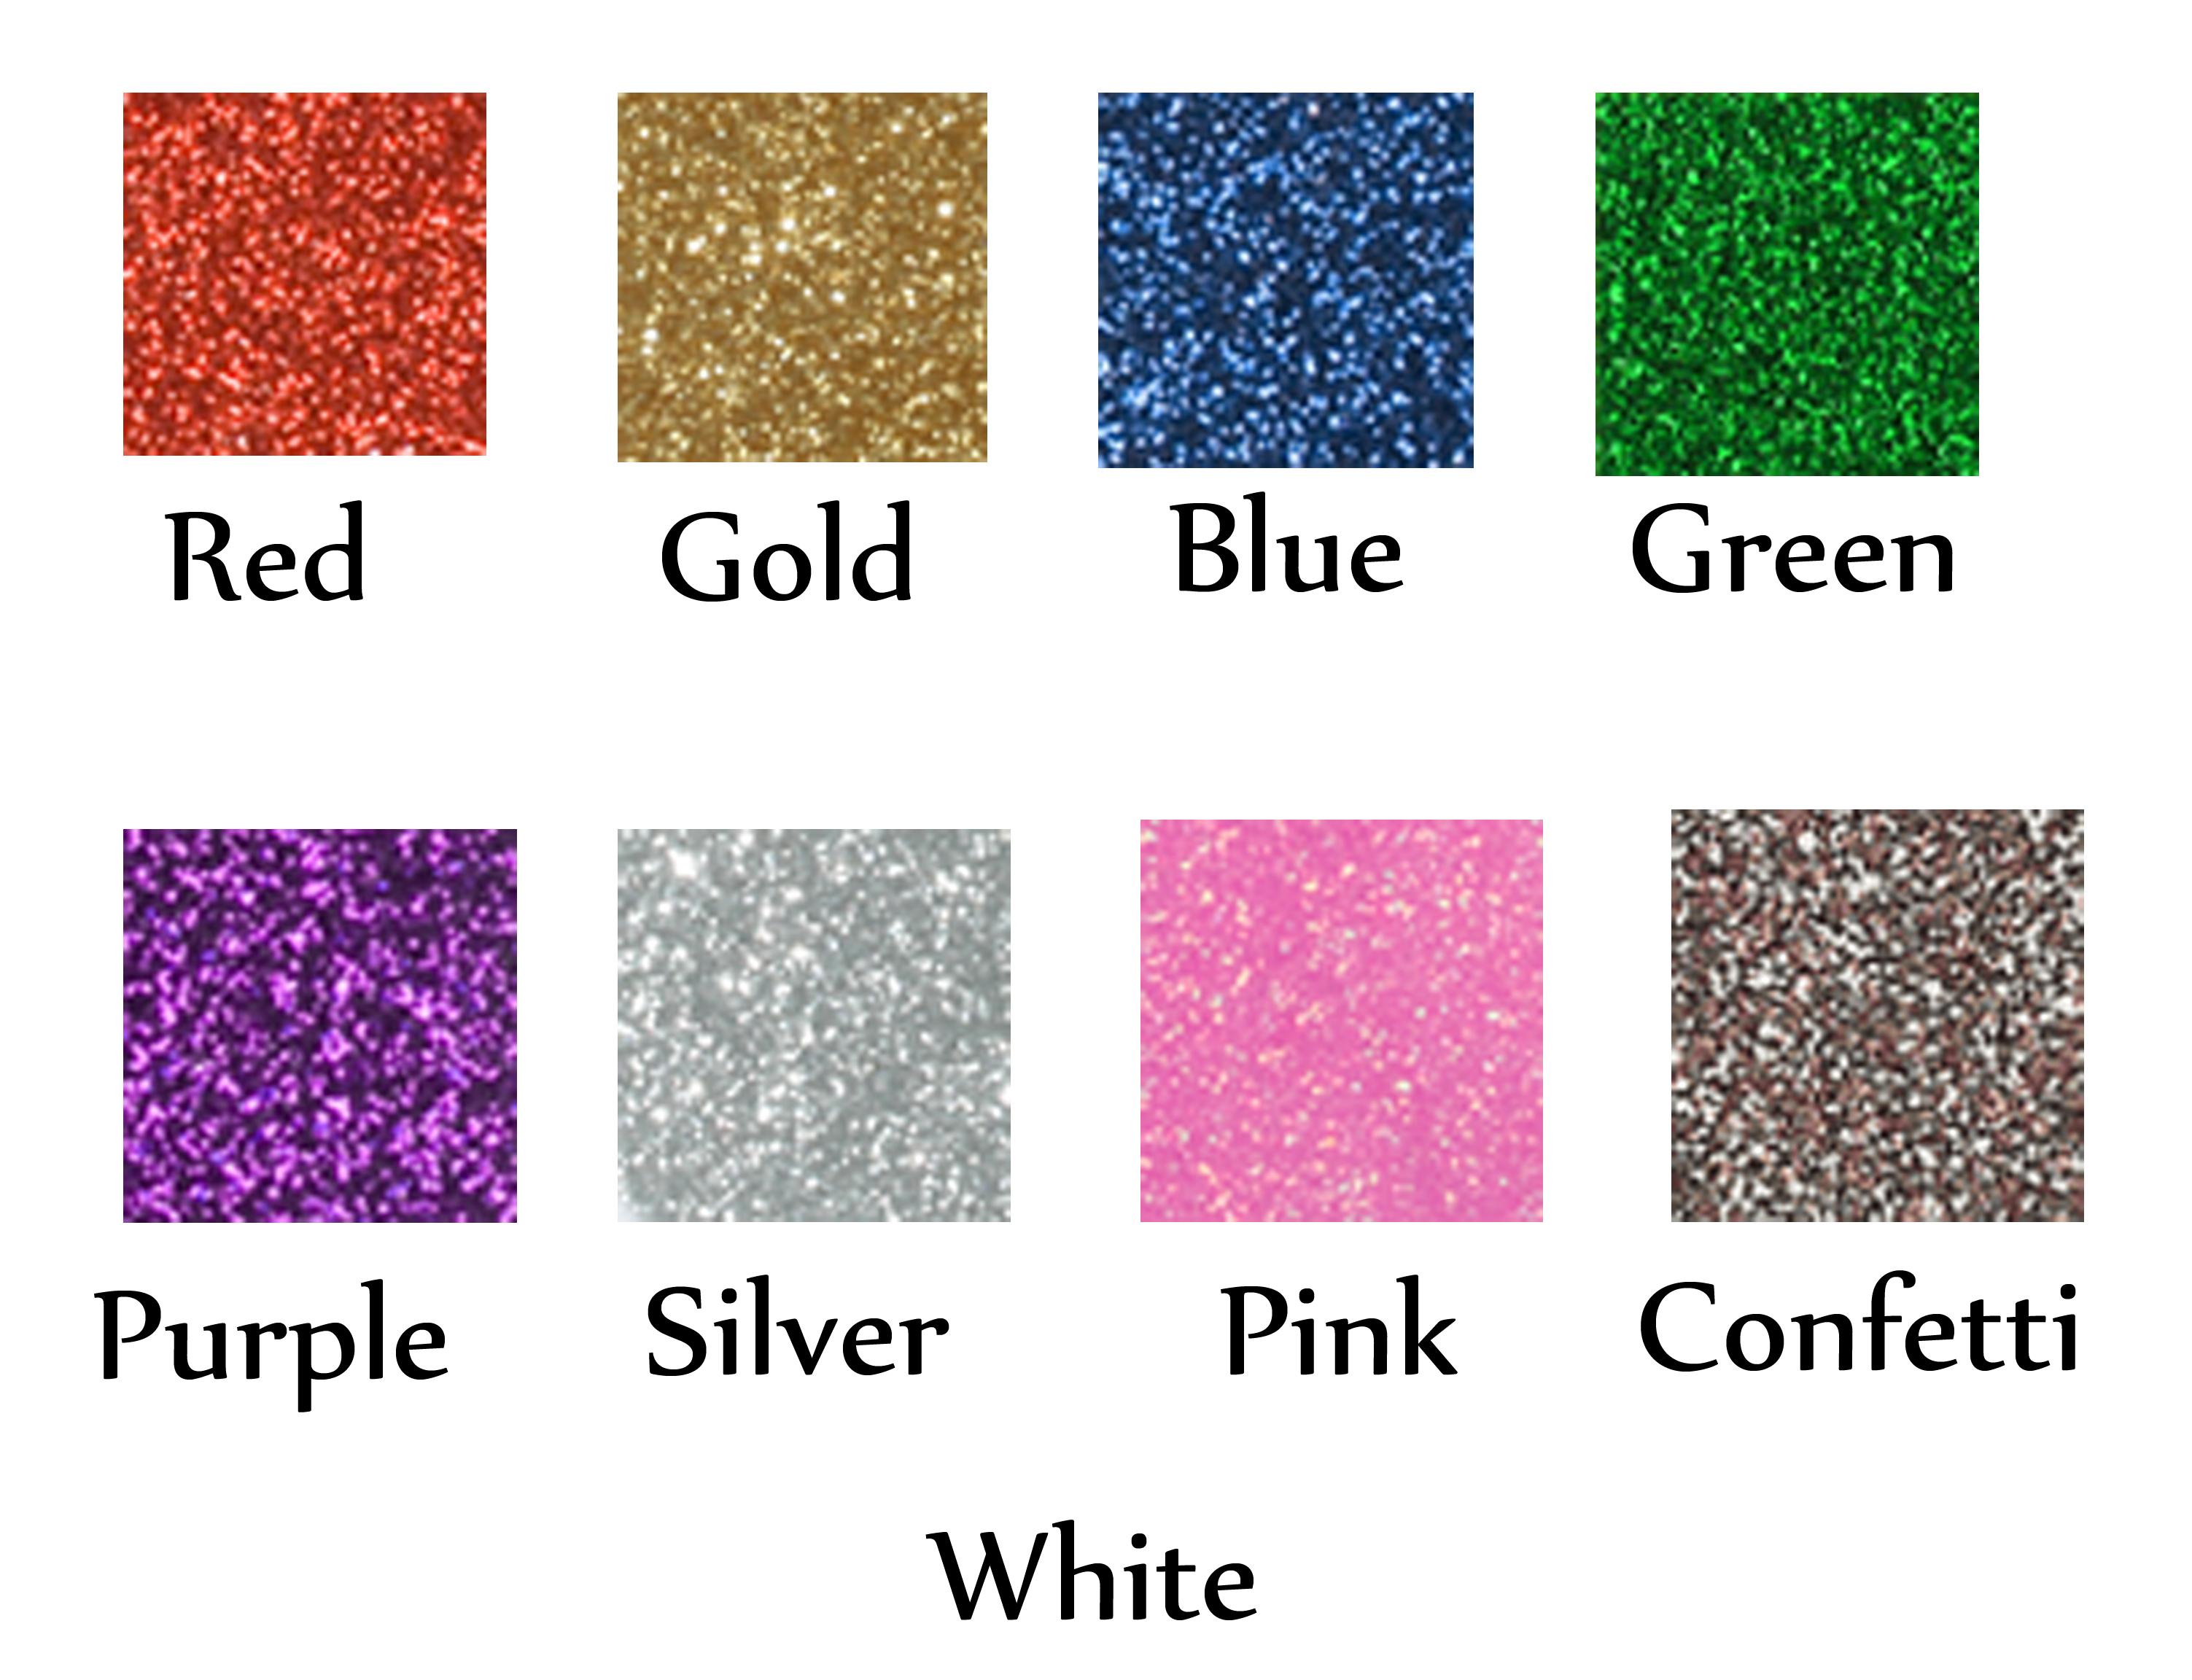 confetti-colors.jpg